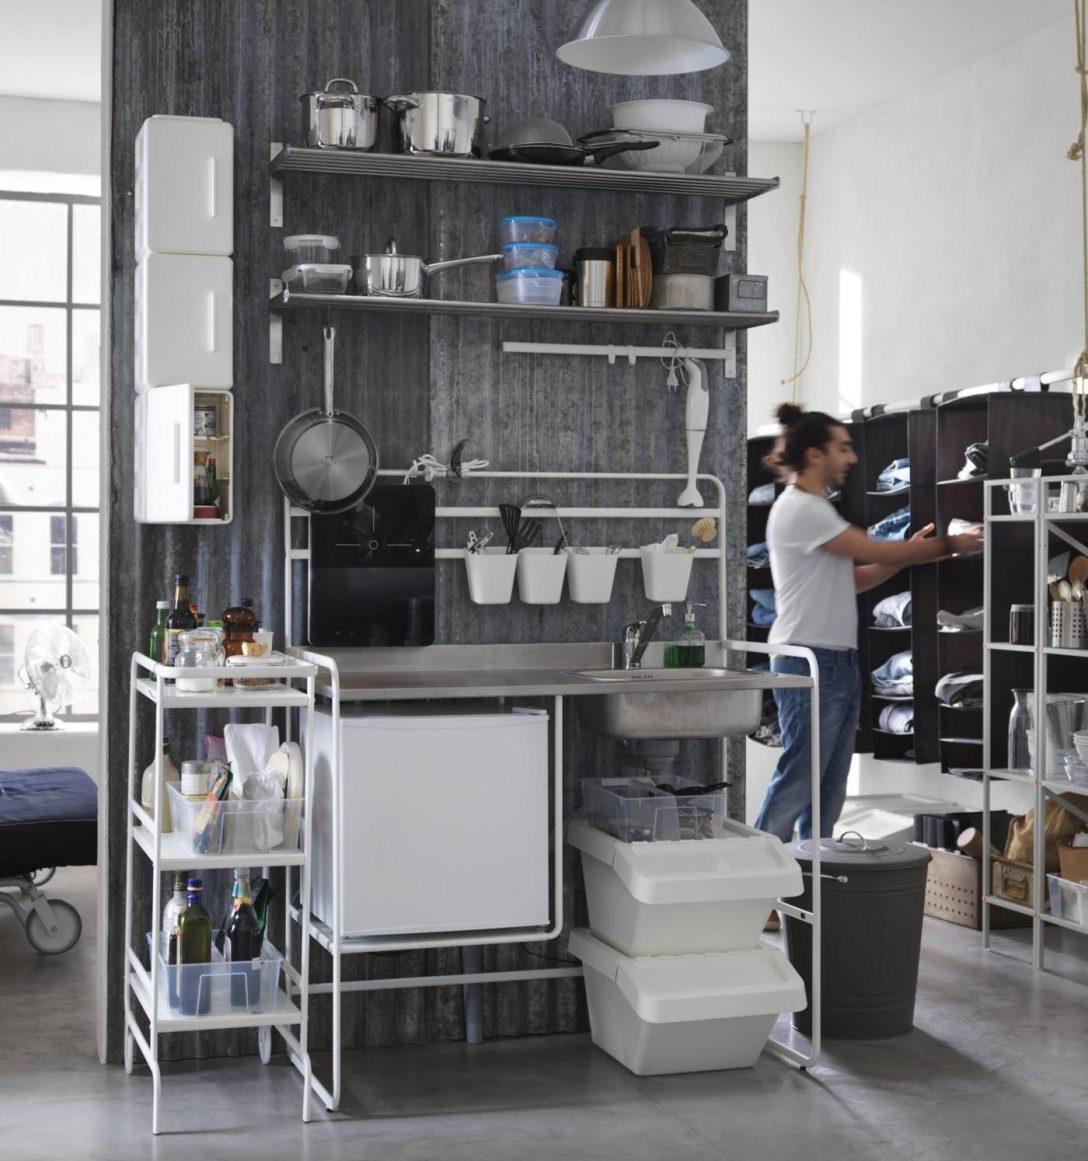 Large Size of Miniküche Ikea Sunnersta Minikche Im Katalog Betten 160x200 Küche Kaufen Kosten Mit Kühlschrank Bei Modulküche Stengel Sofa Schlaffunktion Wohnzimmer Miniküche Ikea